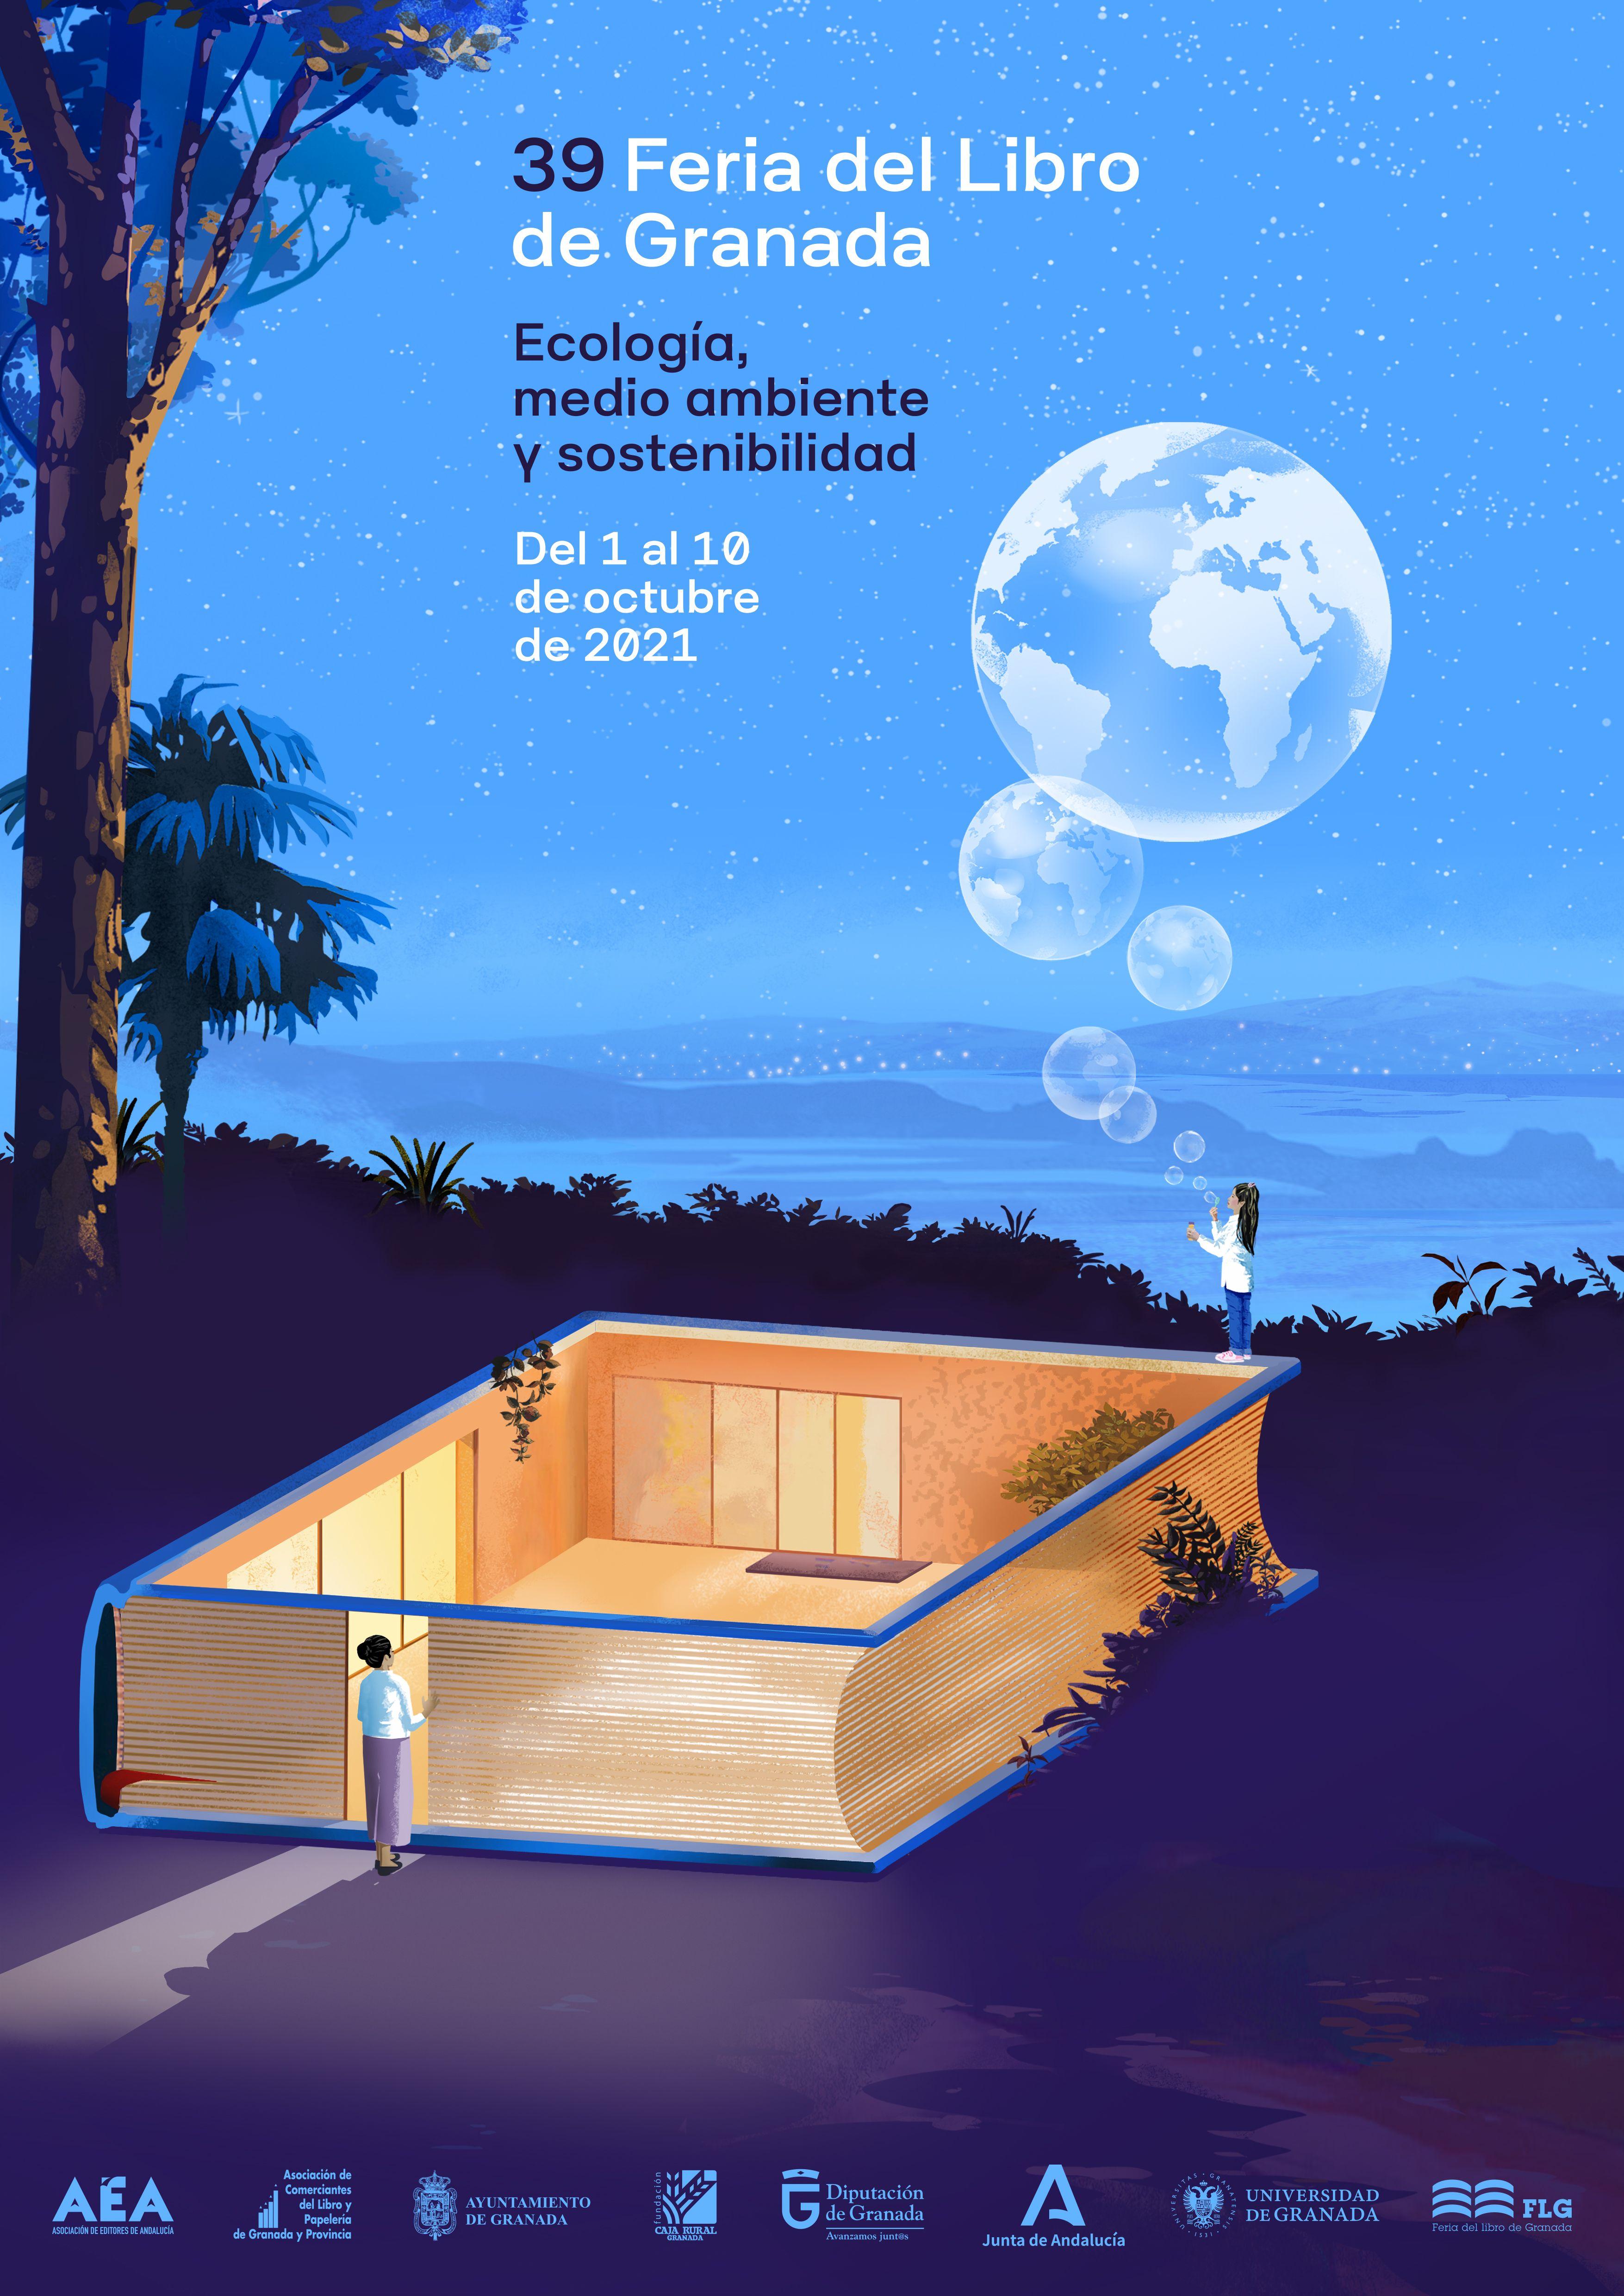 La 39ª edición de la Feria del Libro de Granada presenta cartel y su nueva web que por primera vez incluye emisiones en streaming